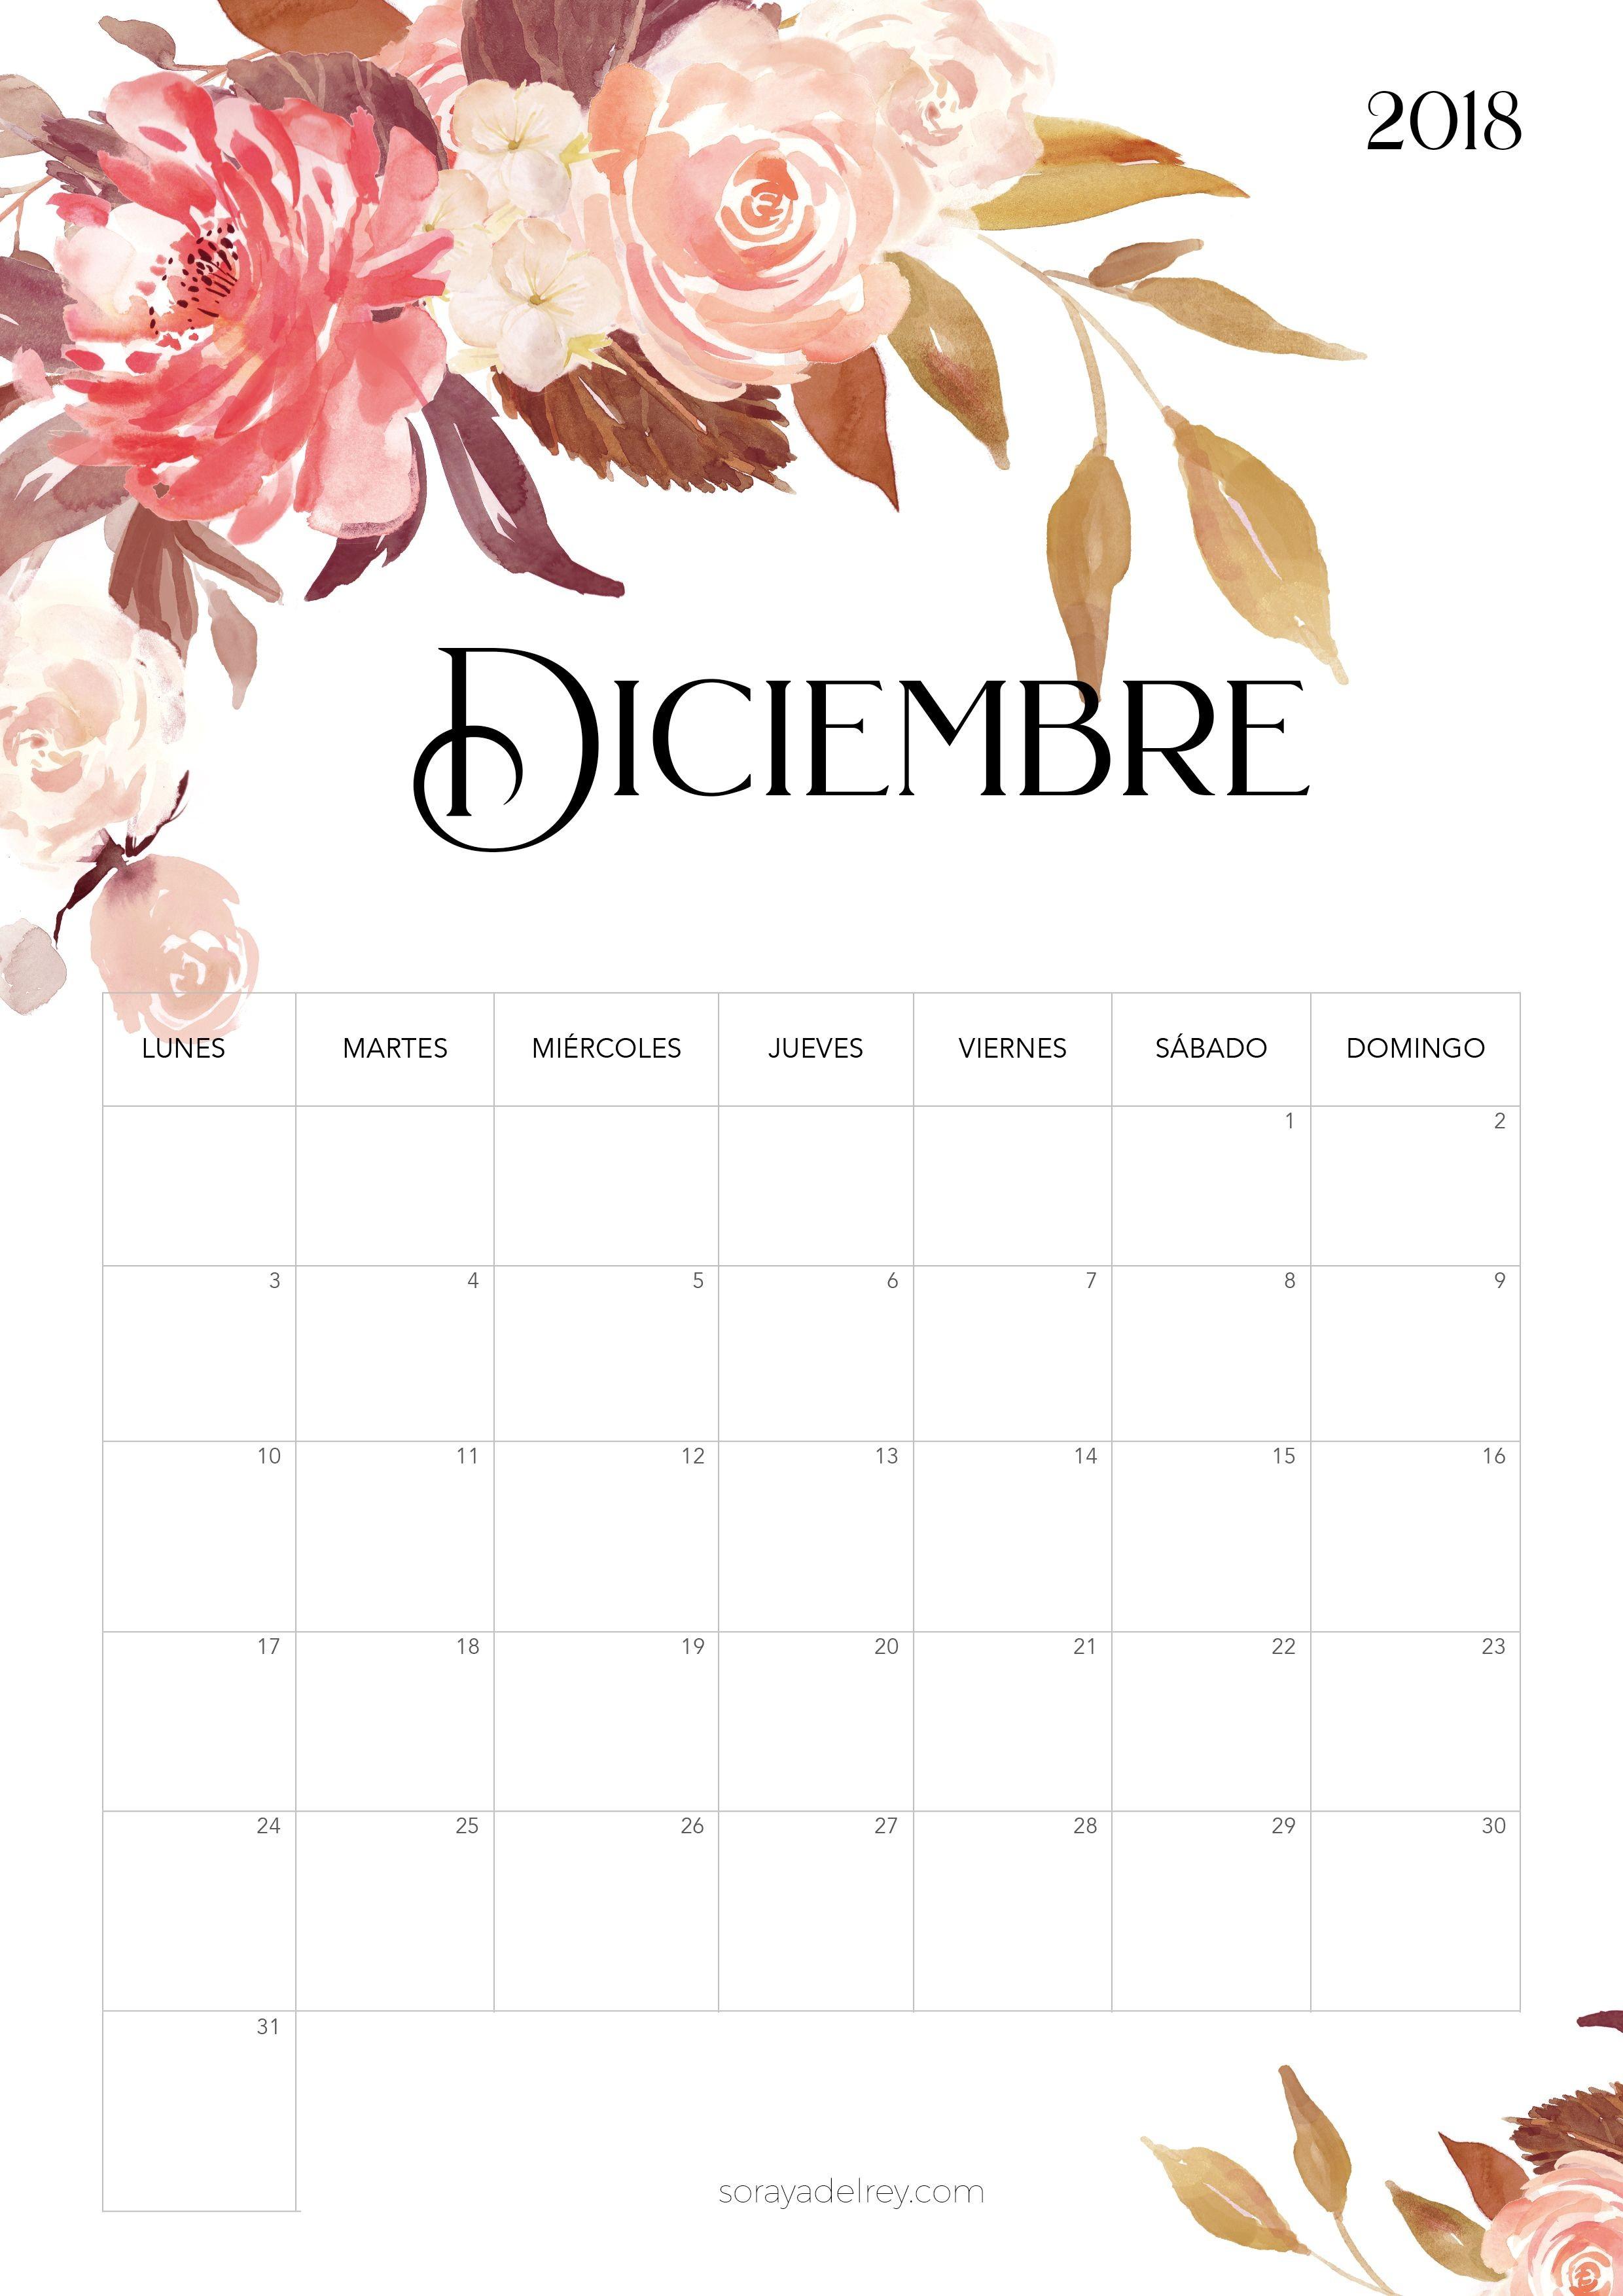 Calendario Noviembre Diciembre Para Imprimir Más Caliente Dariana Pedraza Darianapedraza On Pinterest Of Calendario Noviembre Diciembre Para Imprimir Más Recientes Pack Descargable Planifica Tu A±o 2016 Planificador